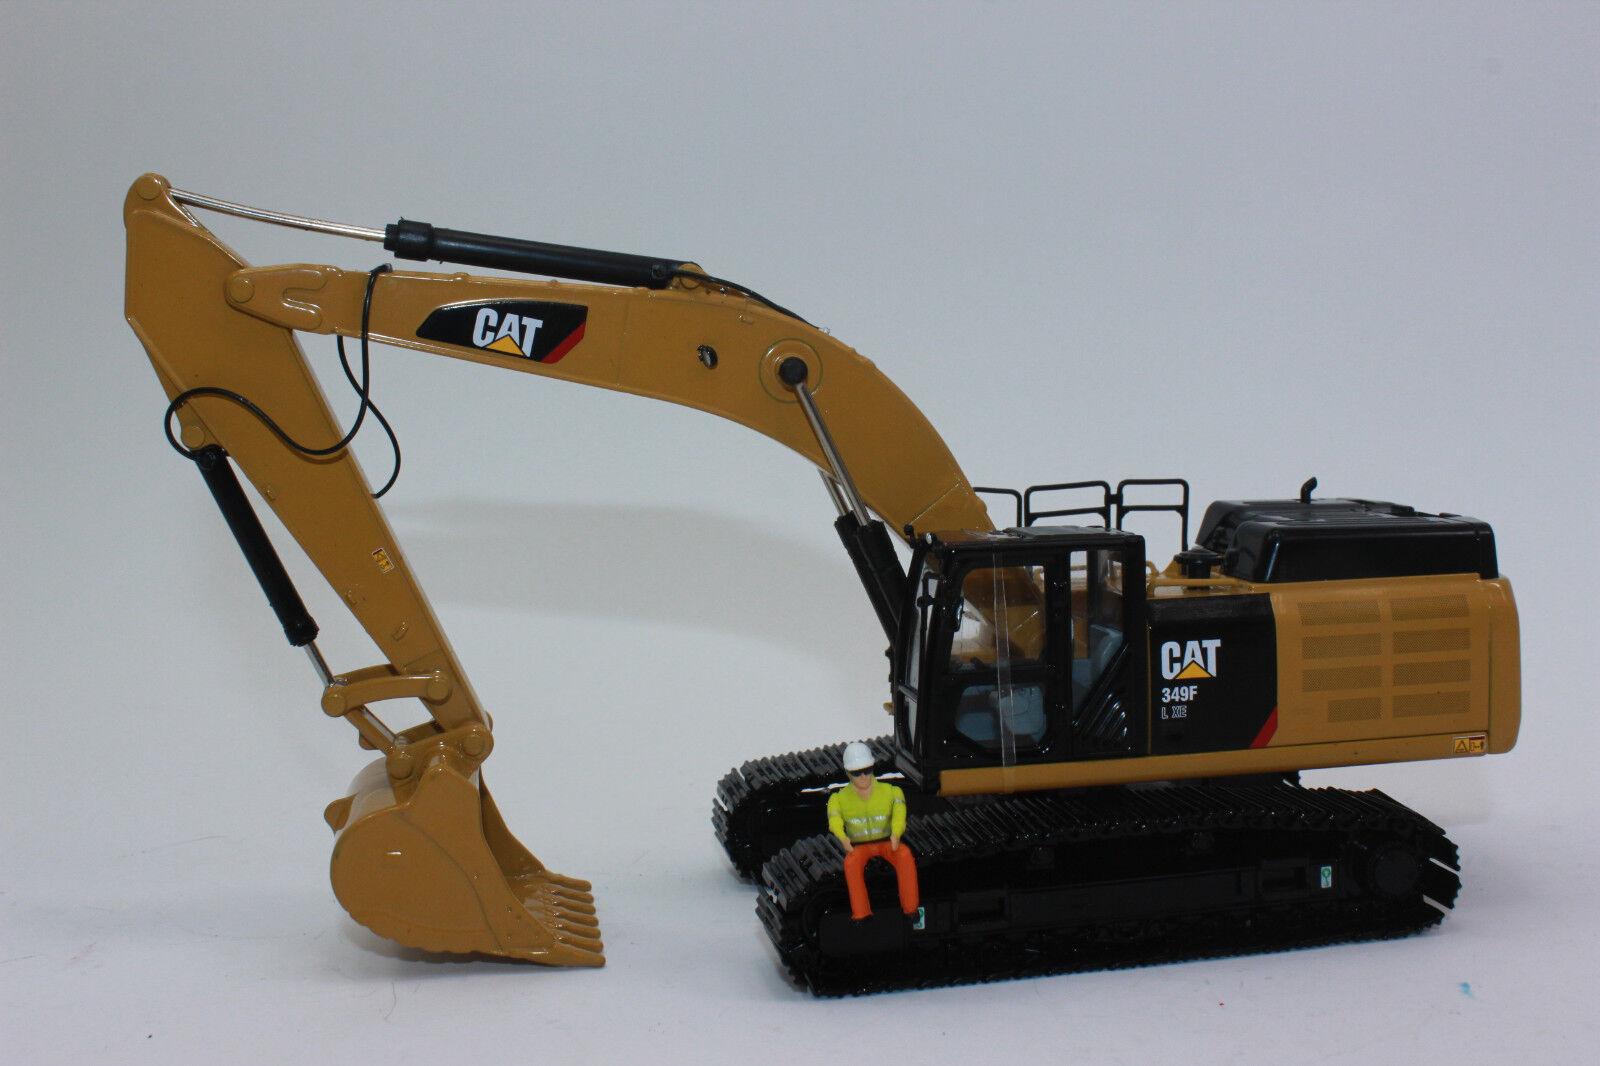 promozioni eccitanti Diecast Masters 85943 349f L XE XE XE catene Escavatore CAT Caterpillar 1 50 NUOVO IN SCATOLA ORIGINALE  Senza tasse